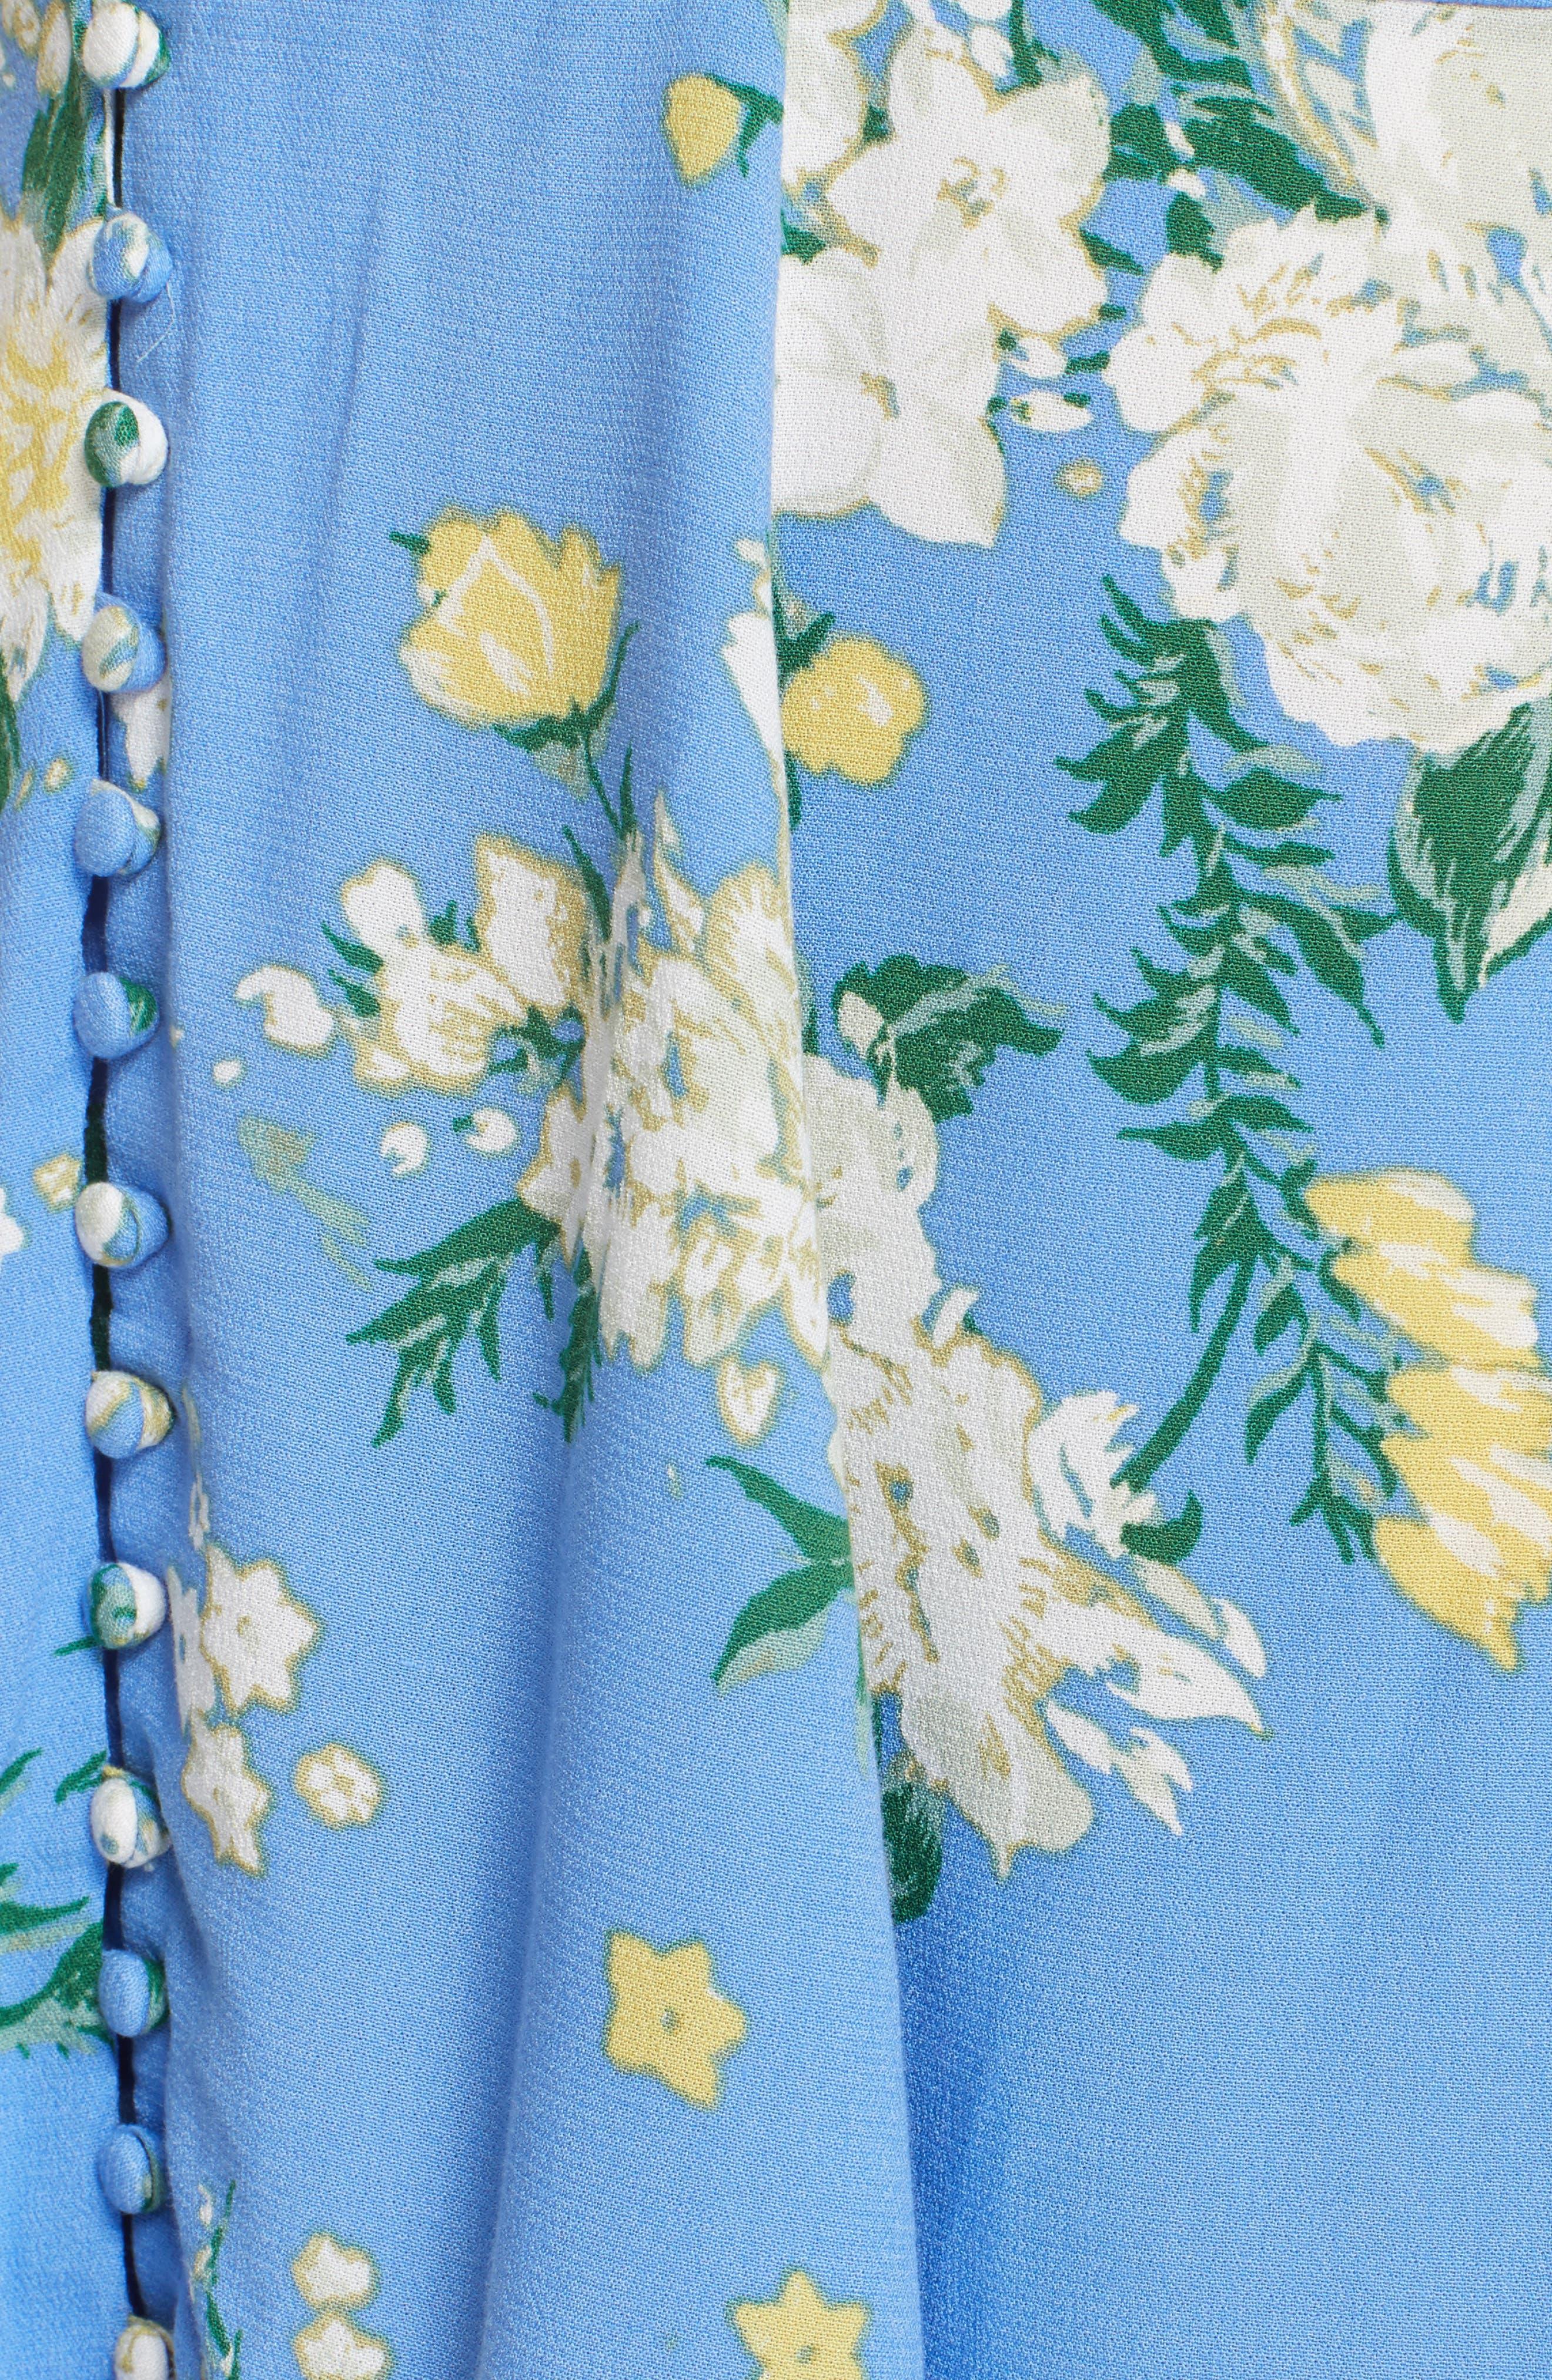 Alora Minidress,                             Alternate thumbnail 5, color,                             Blue Combo